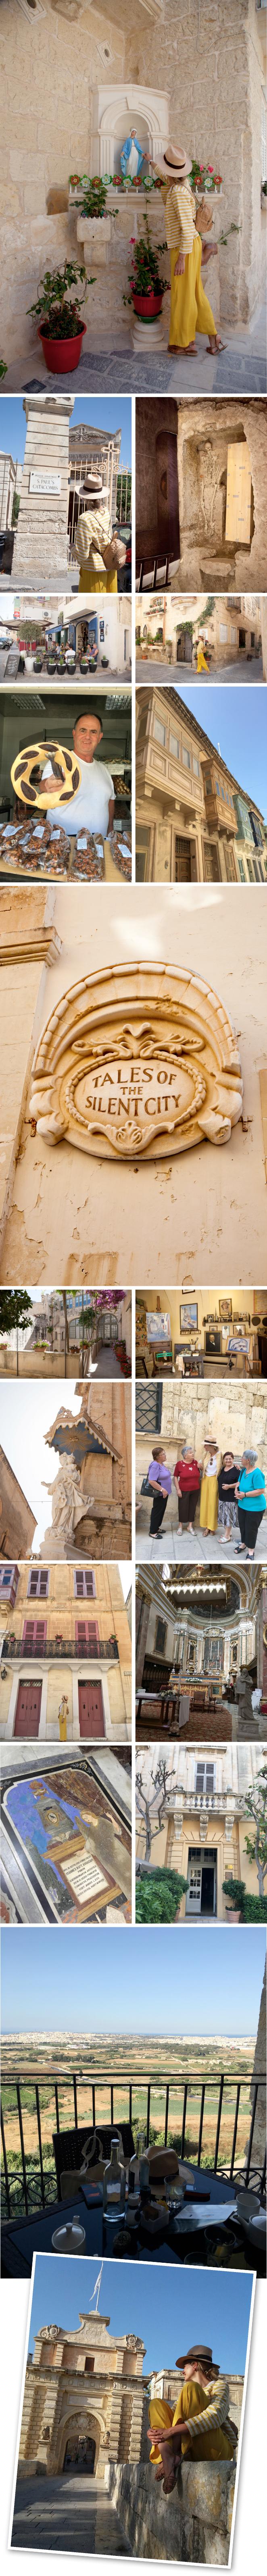 """Visita a Rabat y Medina. Unos de mis lugares favoritos de la isla. Ambas ciudades son muy antiguas y se encuentran muy cerca una de otras (se puede ir a pie!!). En Rabat imprescindible hacer la visita a las Catacumbas (de la época de Bronce), el Museo WignaCourt (que da acceso a la Cueva de San Pablo) y después tomar algo en el mismo Café WignaCourt. En la Medina que es una ciudad que fue construida por los fenicios y a la que se le conoce como la """"Ciudad del Silencio"""" porque no se oye ni una mosca, os recomiendo el Hotel Xara Relais Chateaux (el único que hay!!) el Palazzo Vilhena y el Palazzo Falson."""